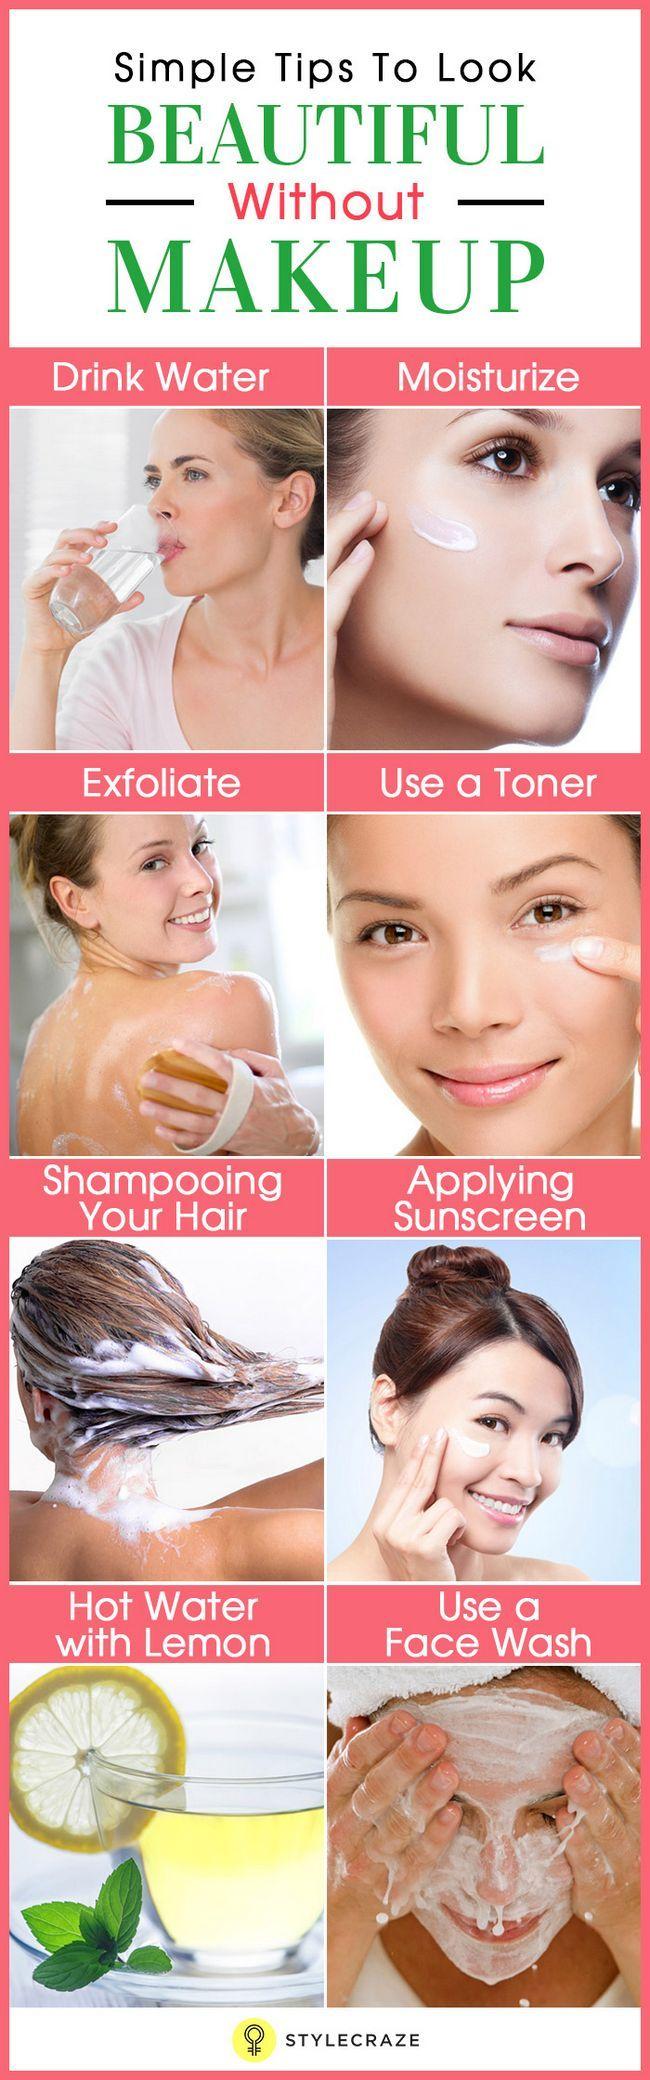 Einfache Tipps schön aussehen, ohne Make-up